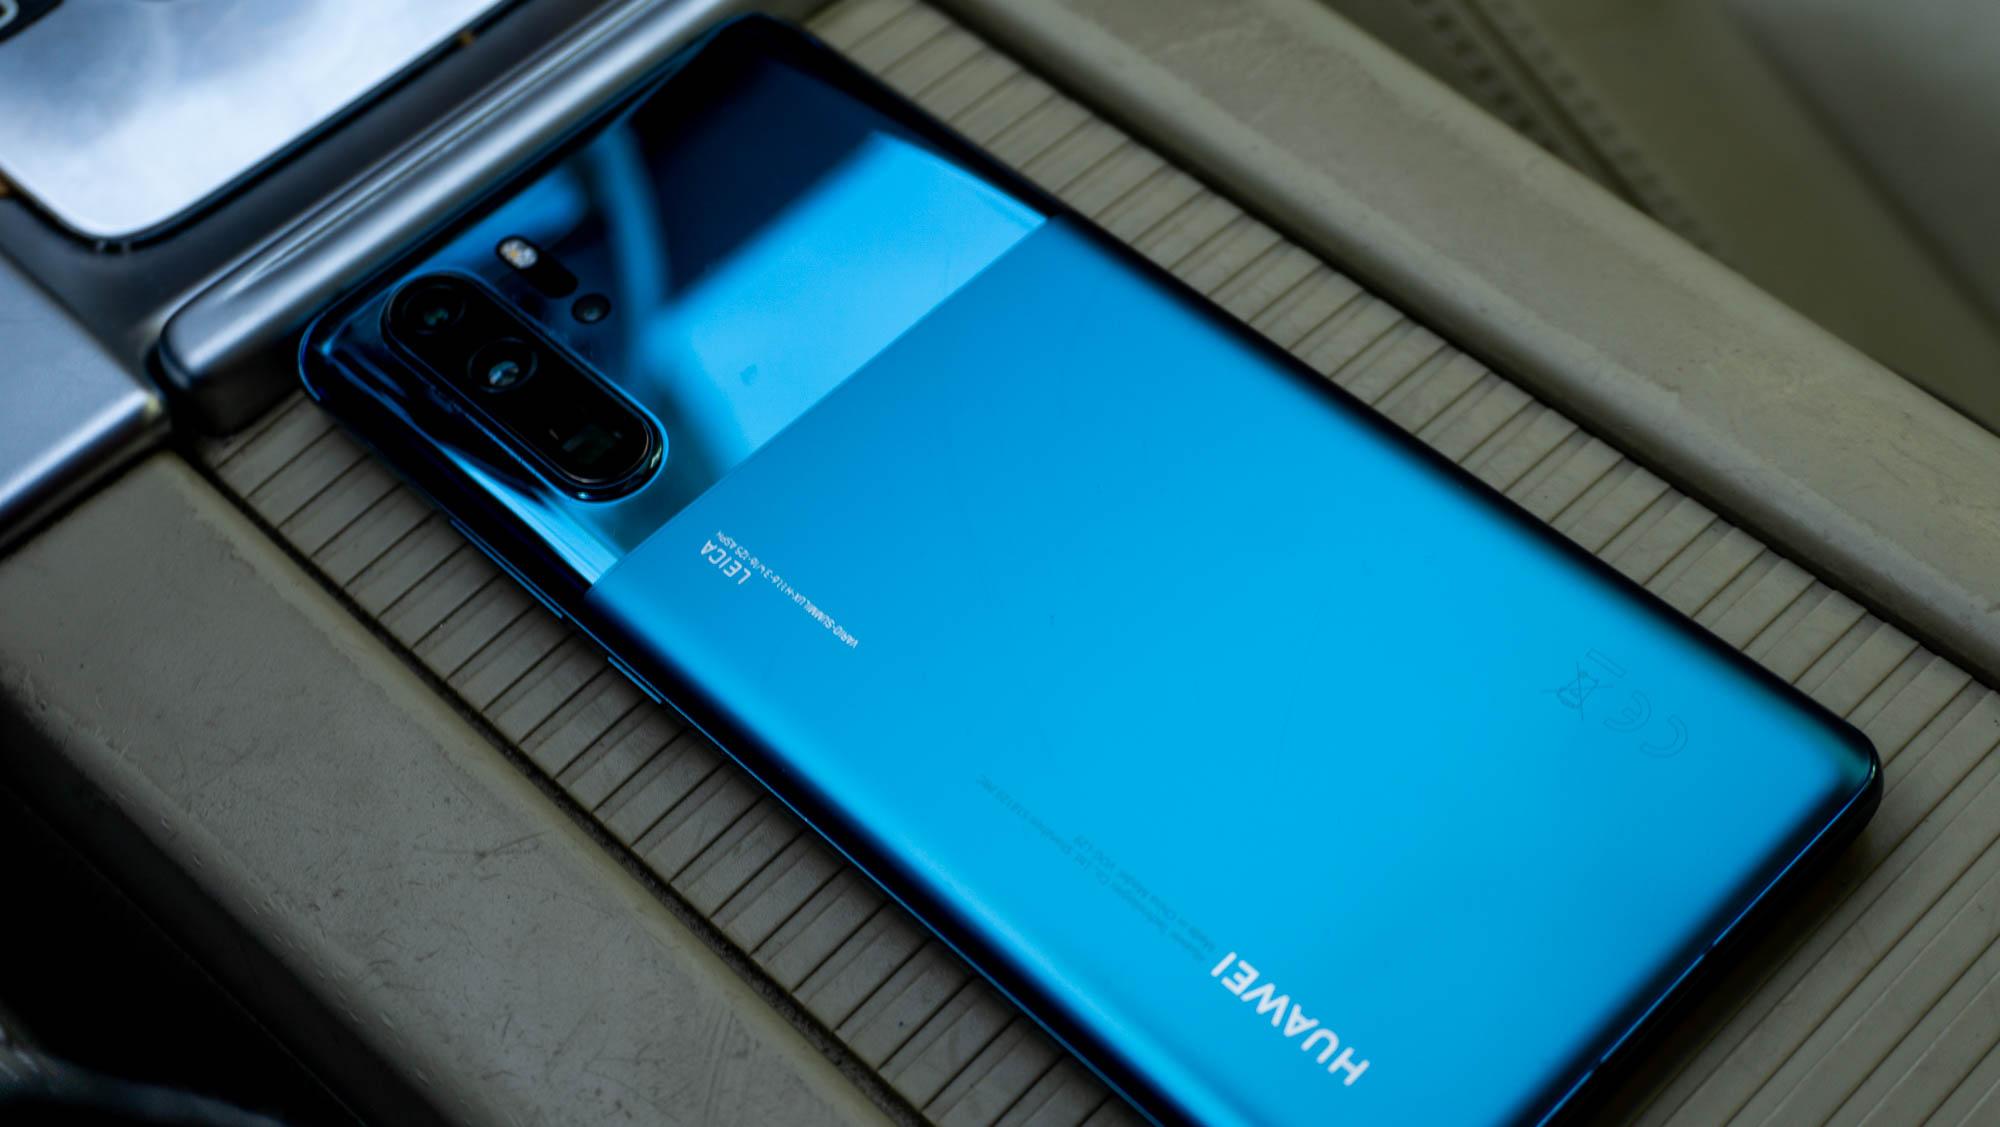 Wodoszczelny smartfon - co to oznacza? I jakie modele warto kupić? (poradnik) 25